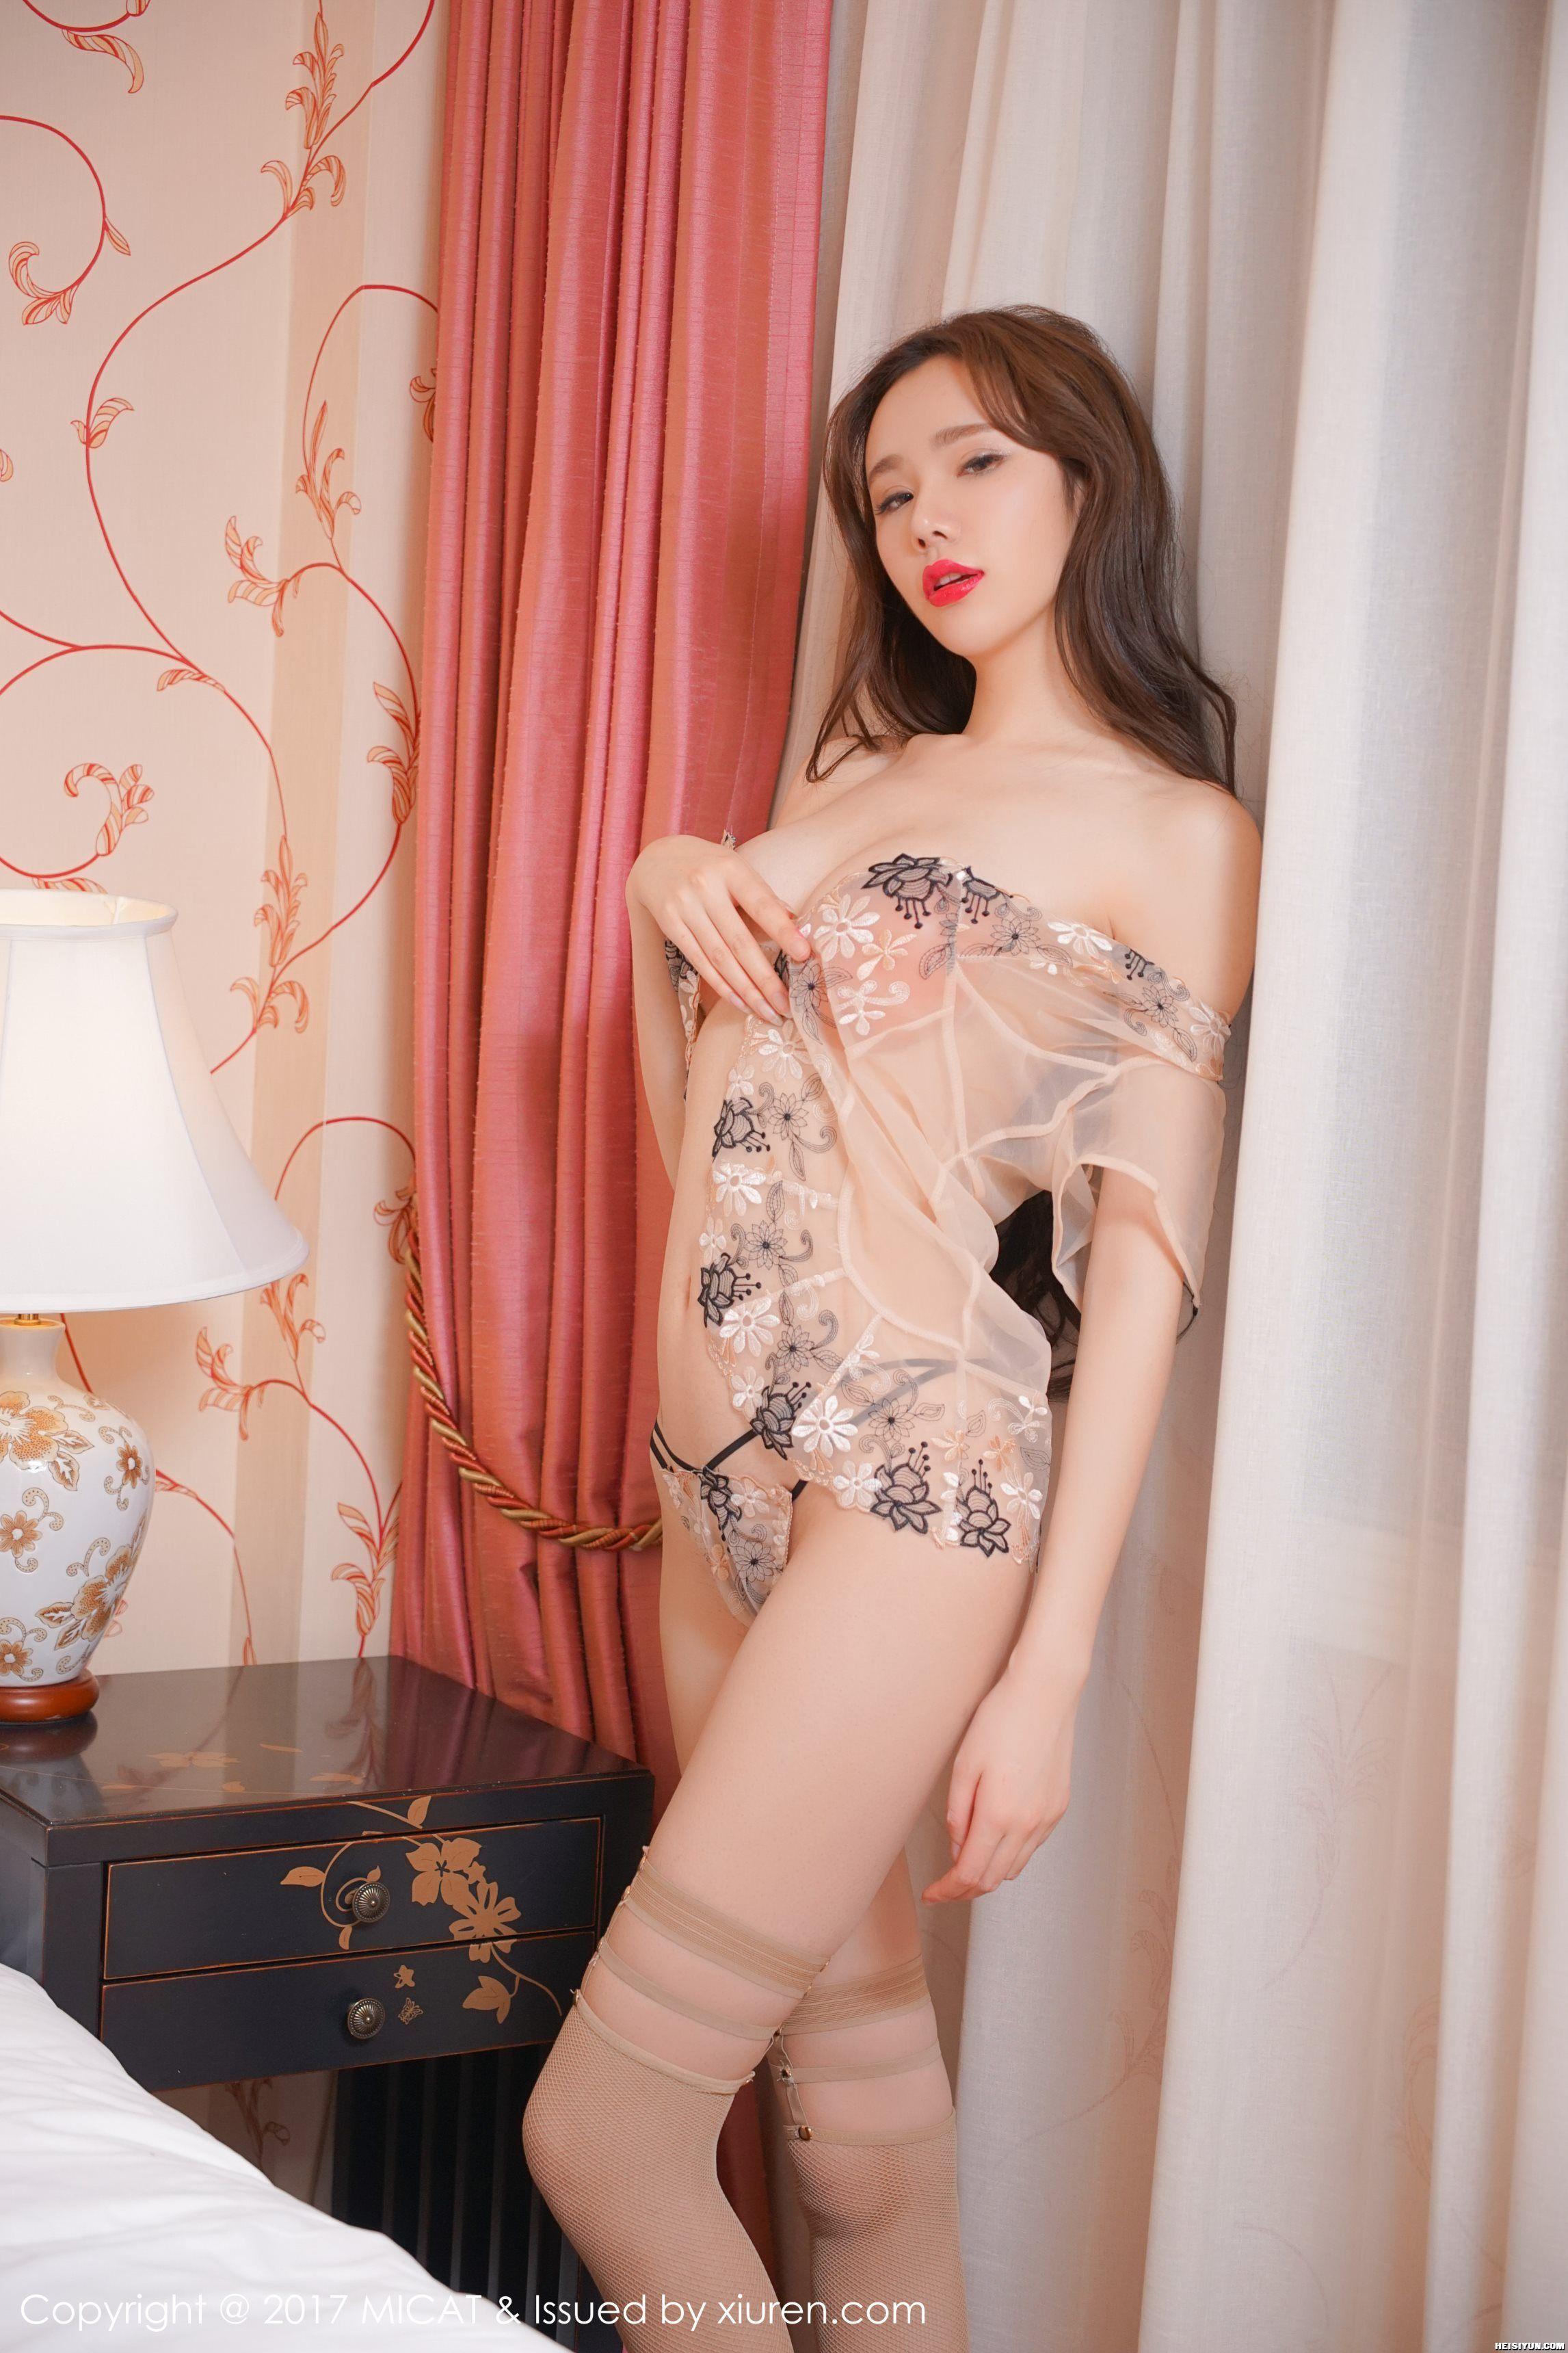 [MICAT猫萌榜] 2017.06.12 Vol.009 萌琪琪Irene [50+1P]